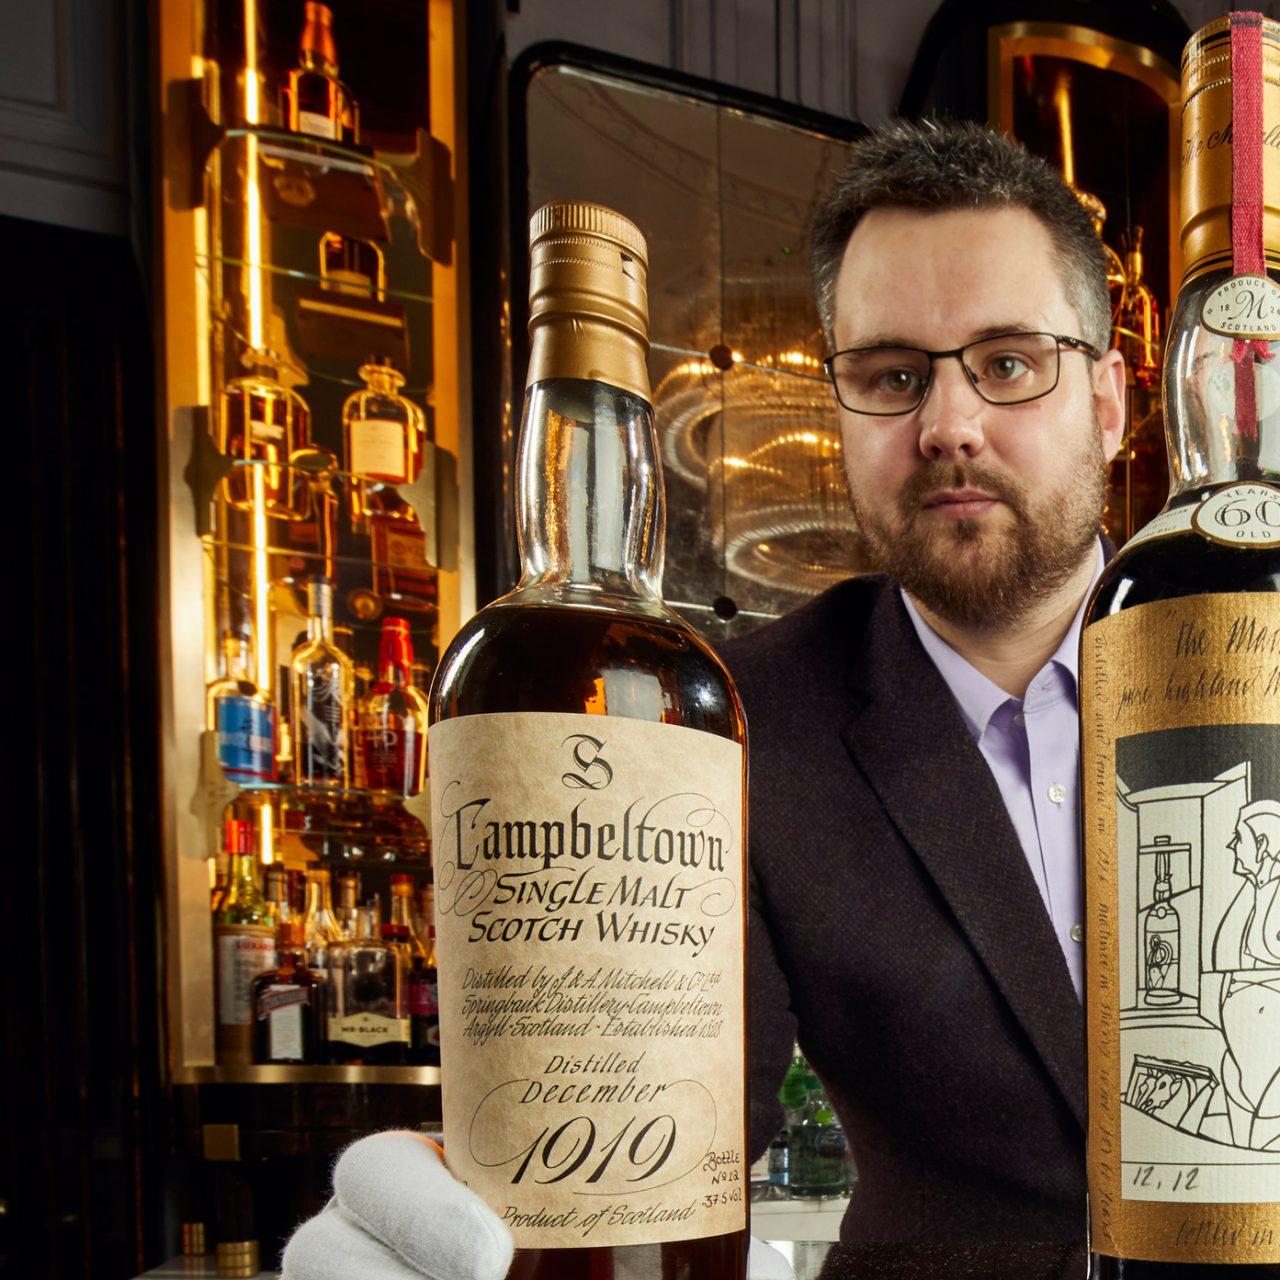 Whisky Auctioneer Announces £8m Sale of Single Malt Scotch